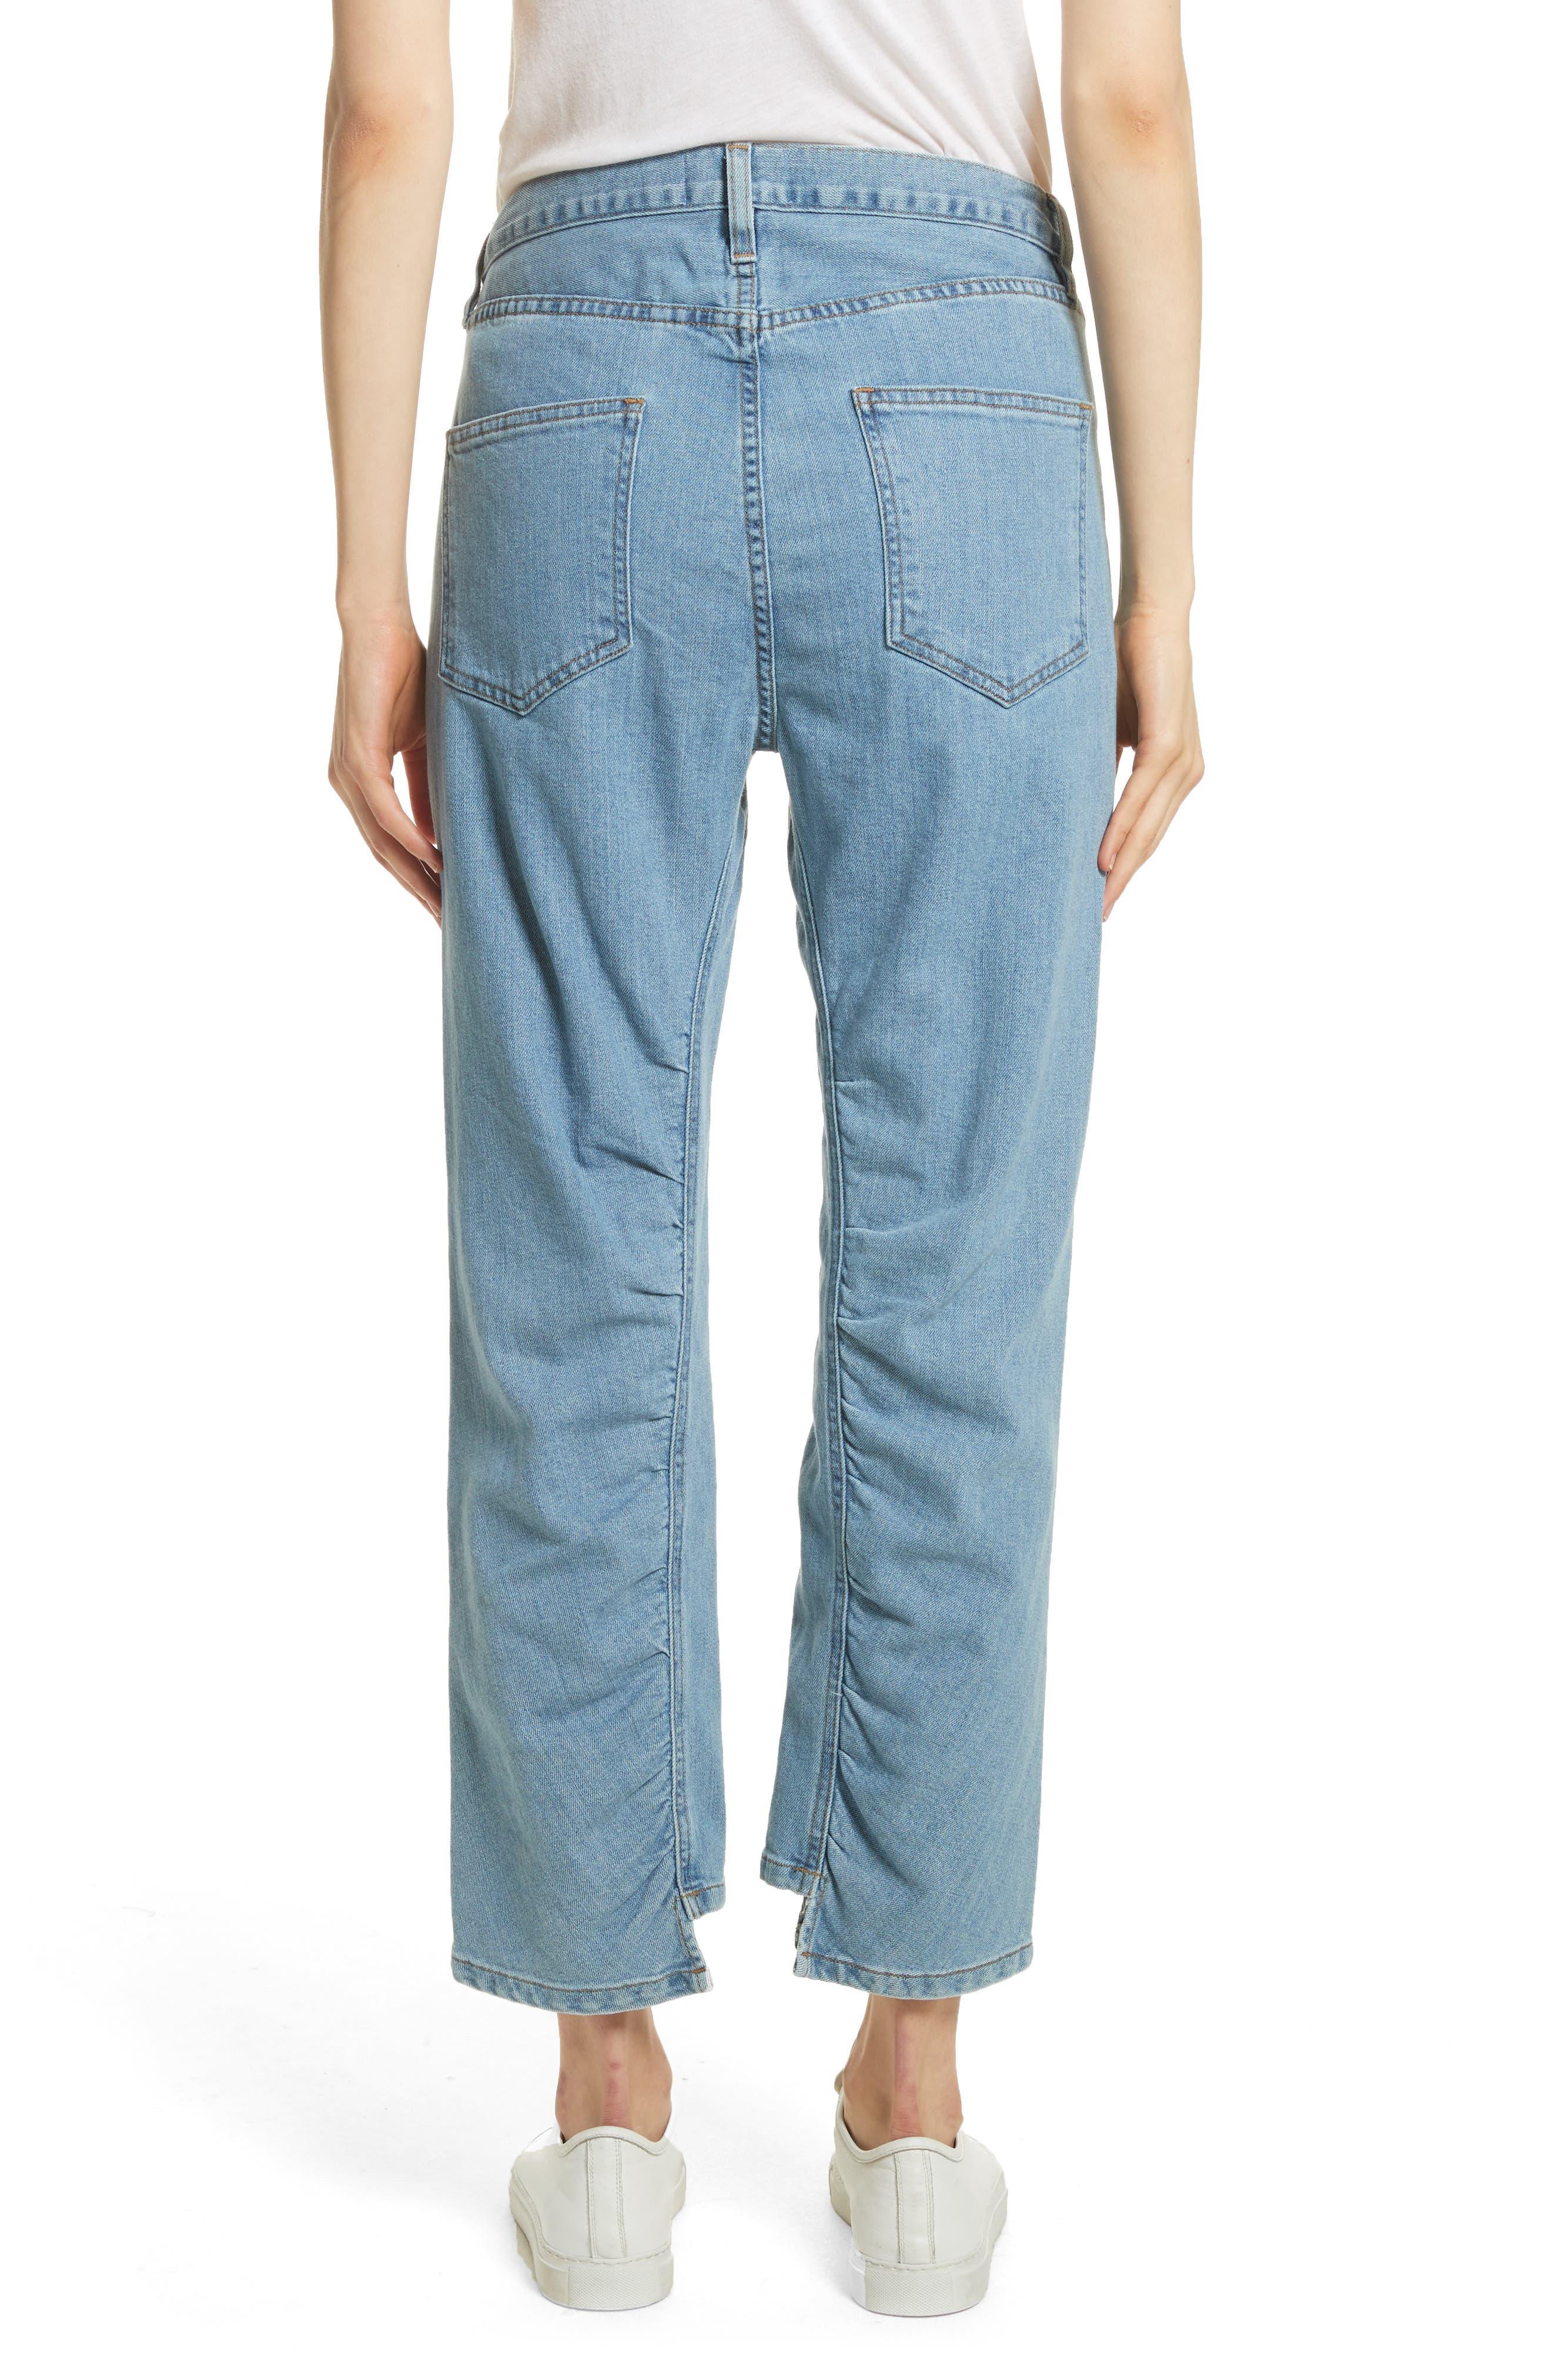 Le Ruche Crop Jeans,                             Alternate thumbnail 2, color,                             421